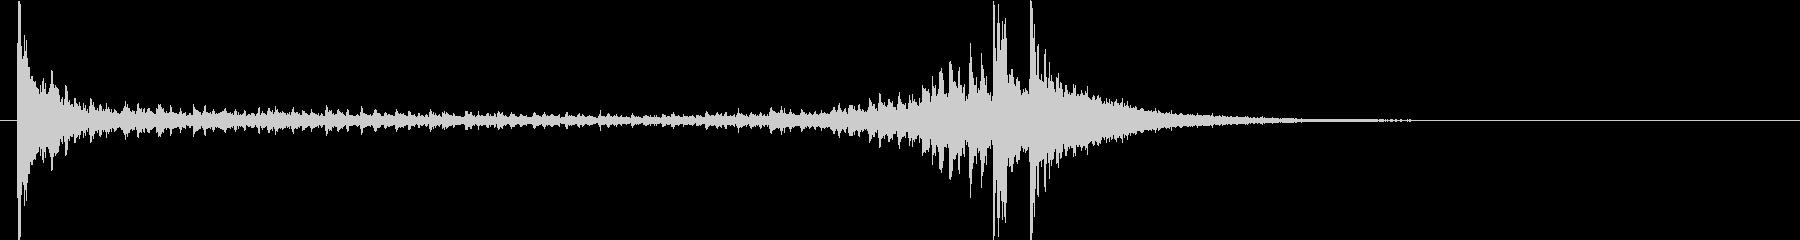 ドラムロール②Mの未再生の波形